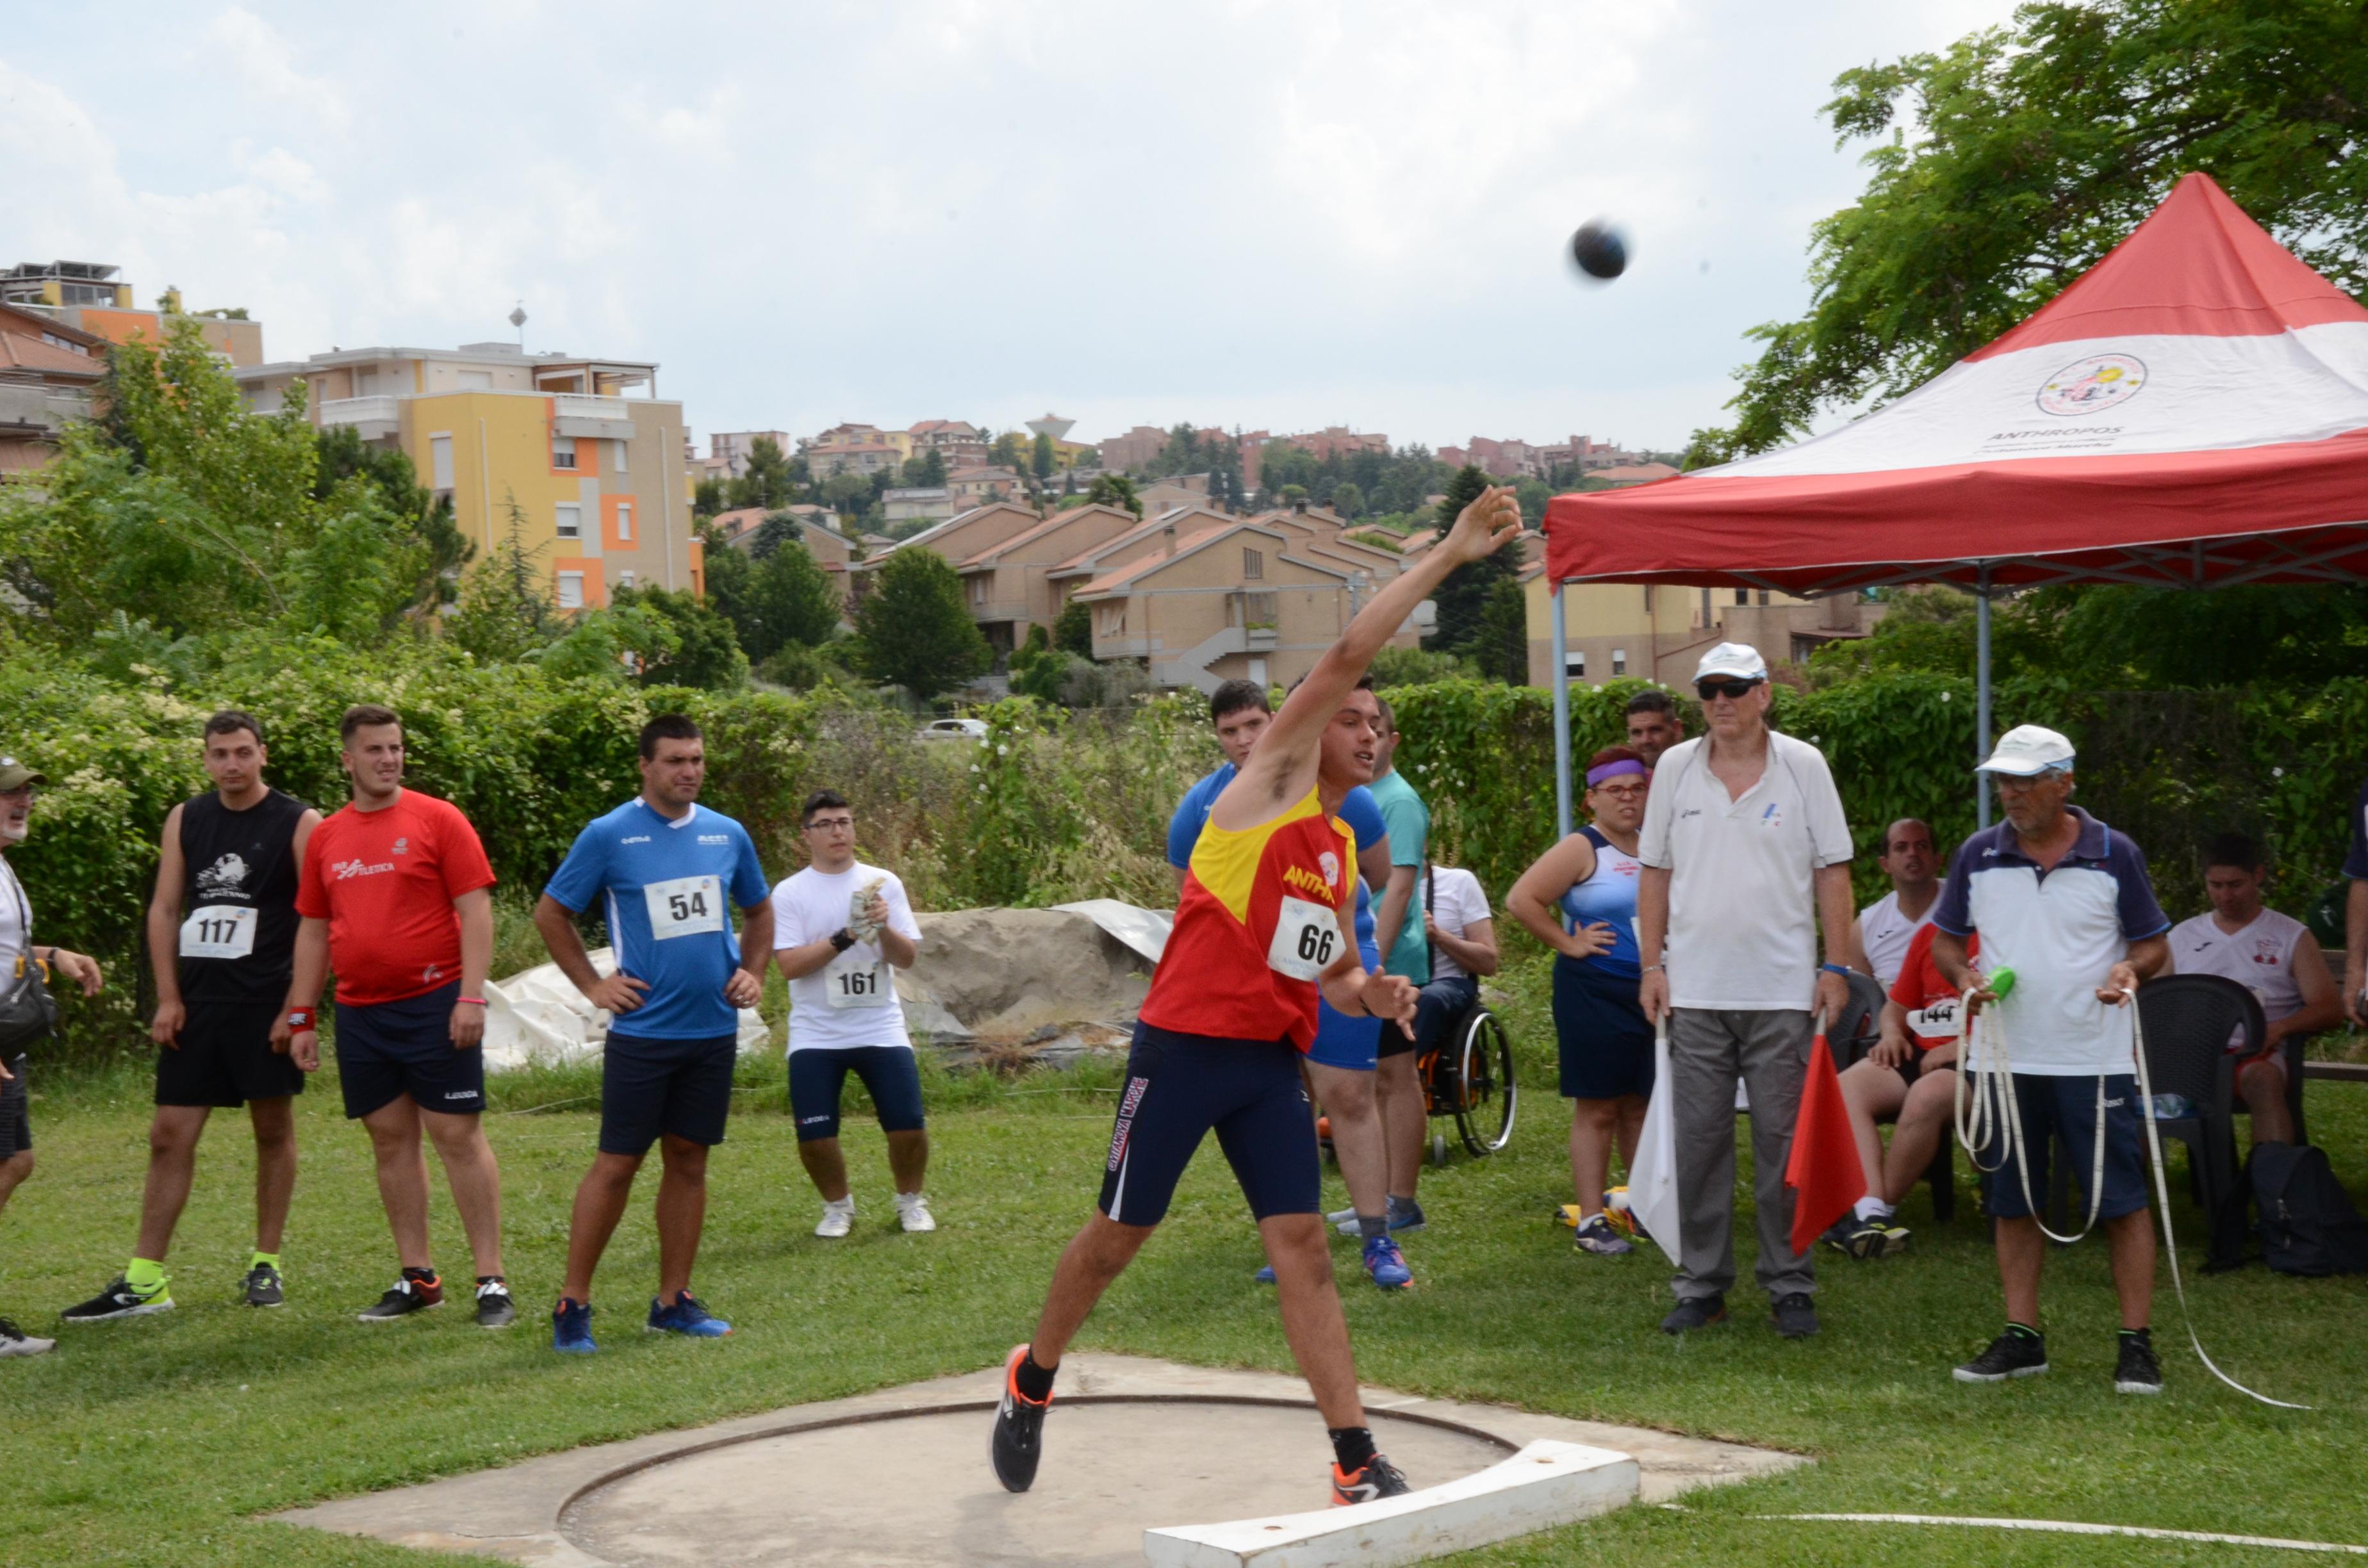 Campionato italiano assoluto di atletica leggera, gli iscritti